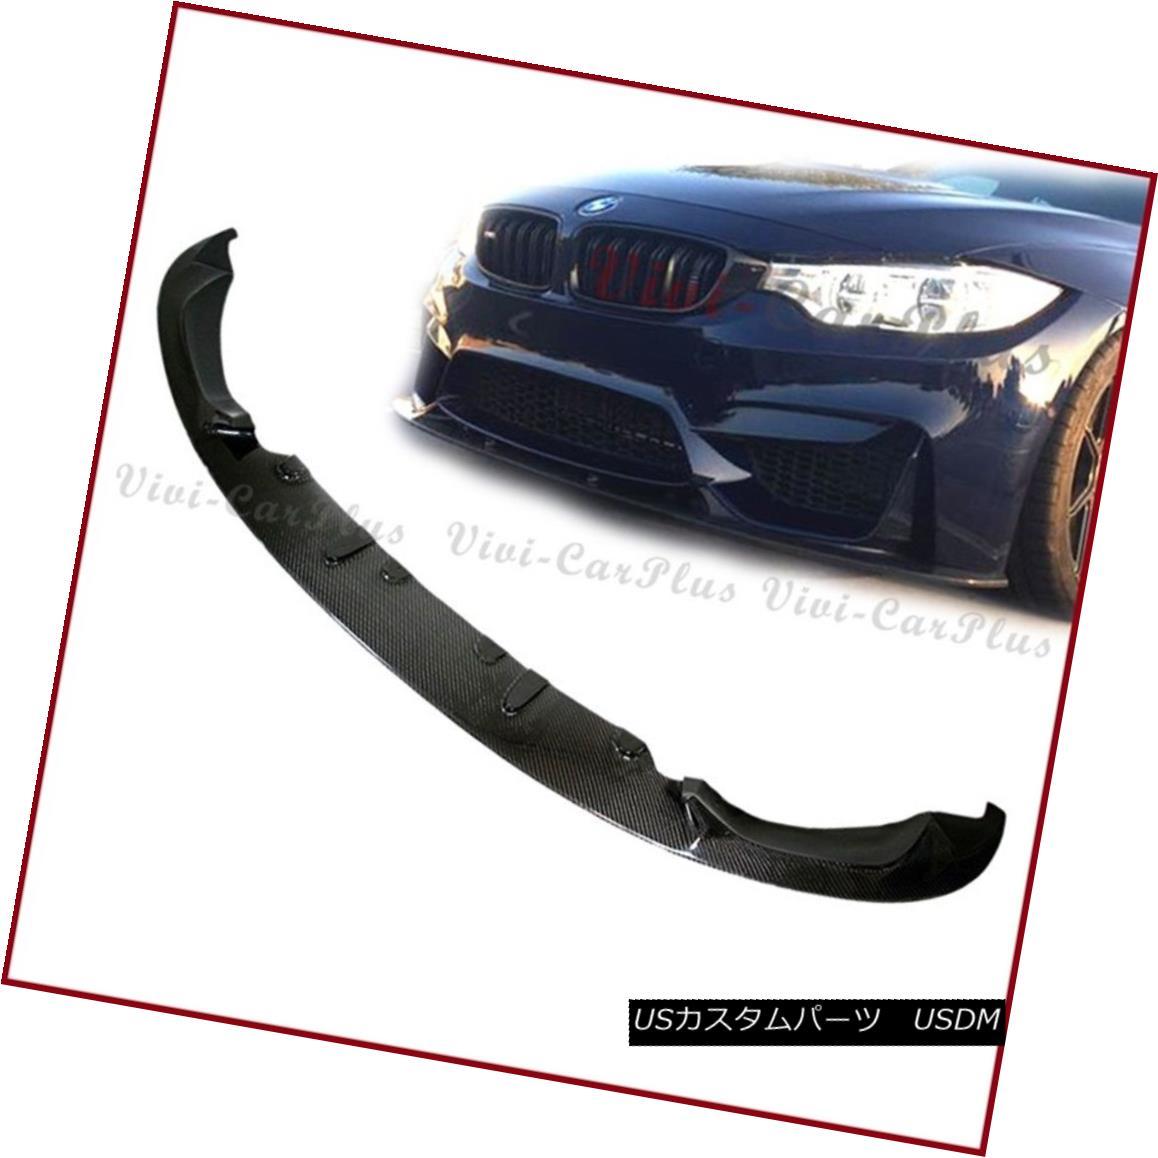 エアロパーツ Carbon Fiber 3D Type Front Spoiler Add Lip Fit 2015+ F80 M3 F82 M4 Front Bumper カーボンファイバー3Dタイプフロントスポイラー追加リップフィット2015+ F80 M3 F82 M4フロントバンパー